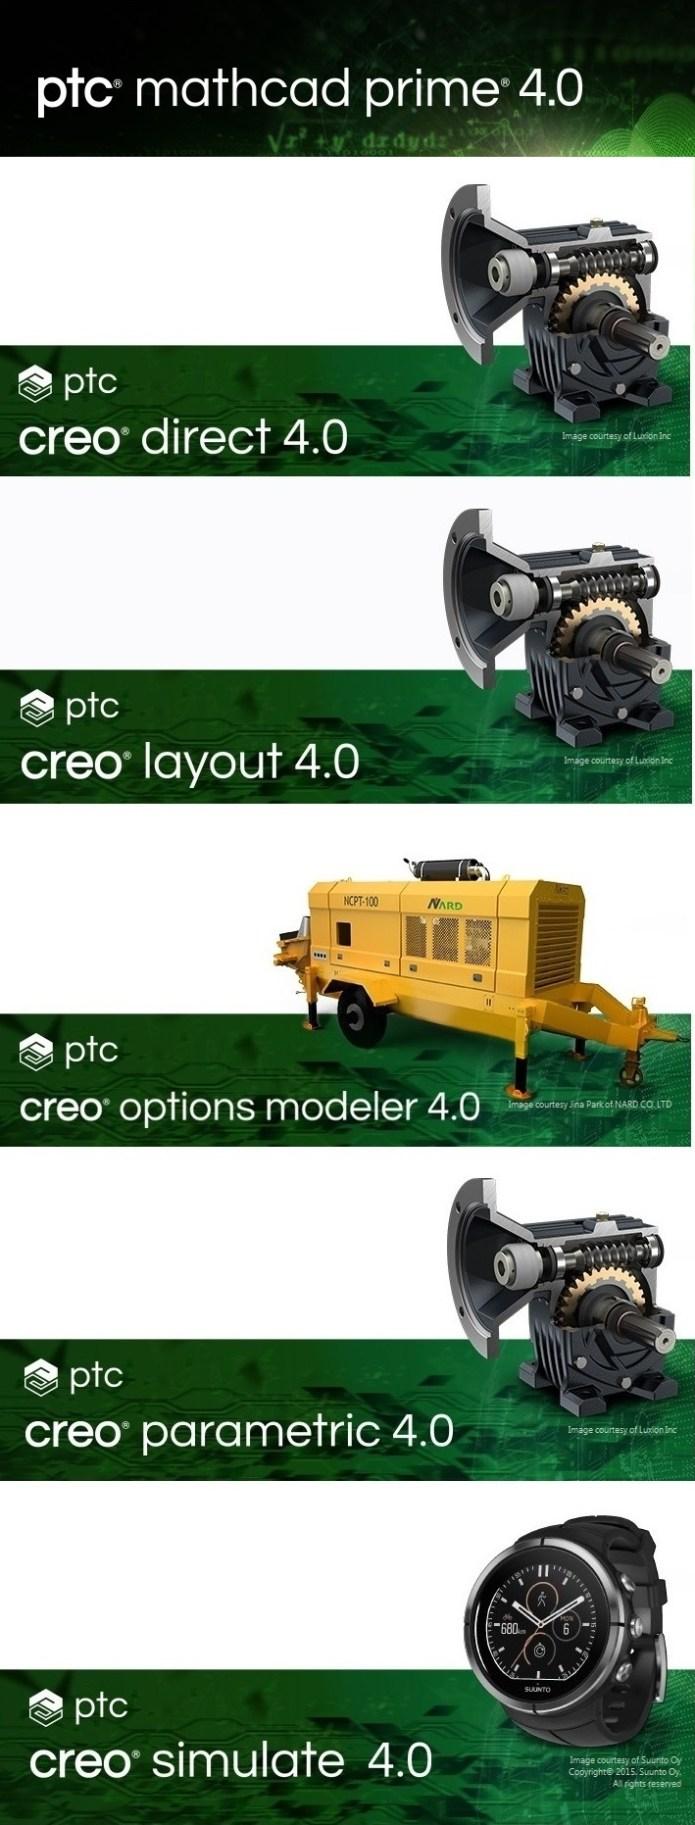 PTC Creo 4.0 M070 + HelpCenter Win64 full license